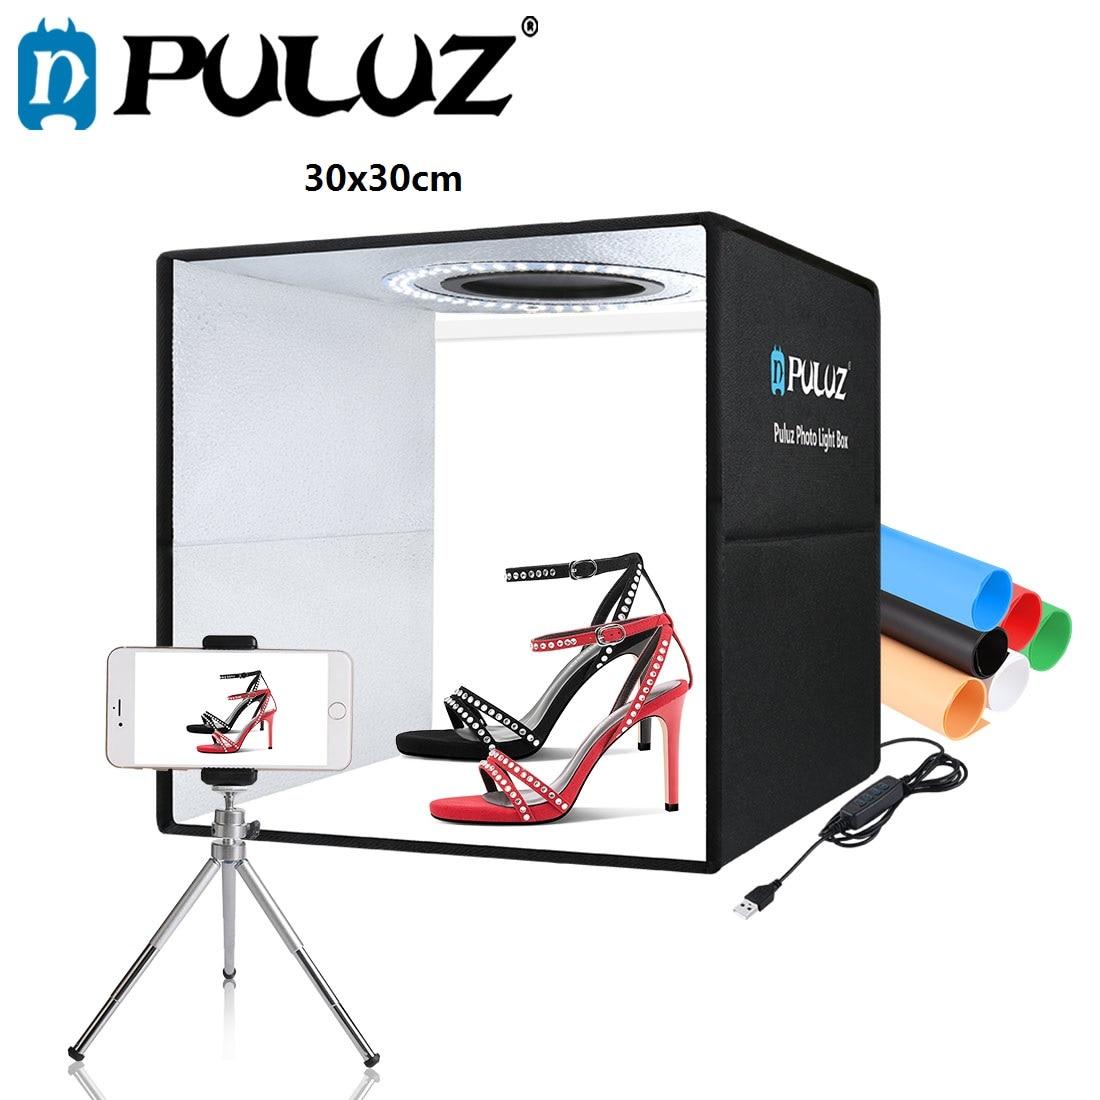 PULUZ 30cm Lightbox Mini Foldable Photo Studio Box LED Light Box Photography Studio Shooting Tent Box Kit & 6 Color Backdrops